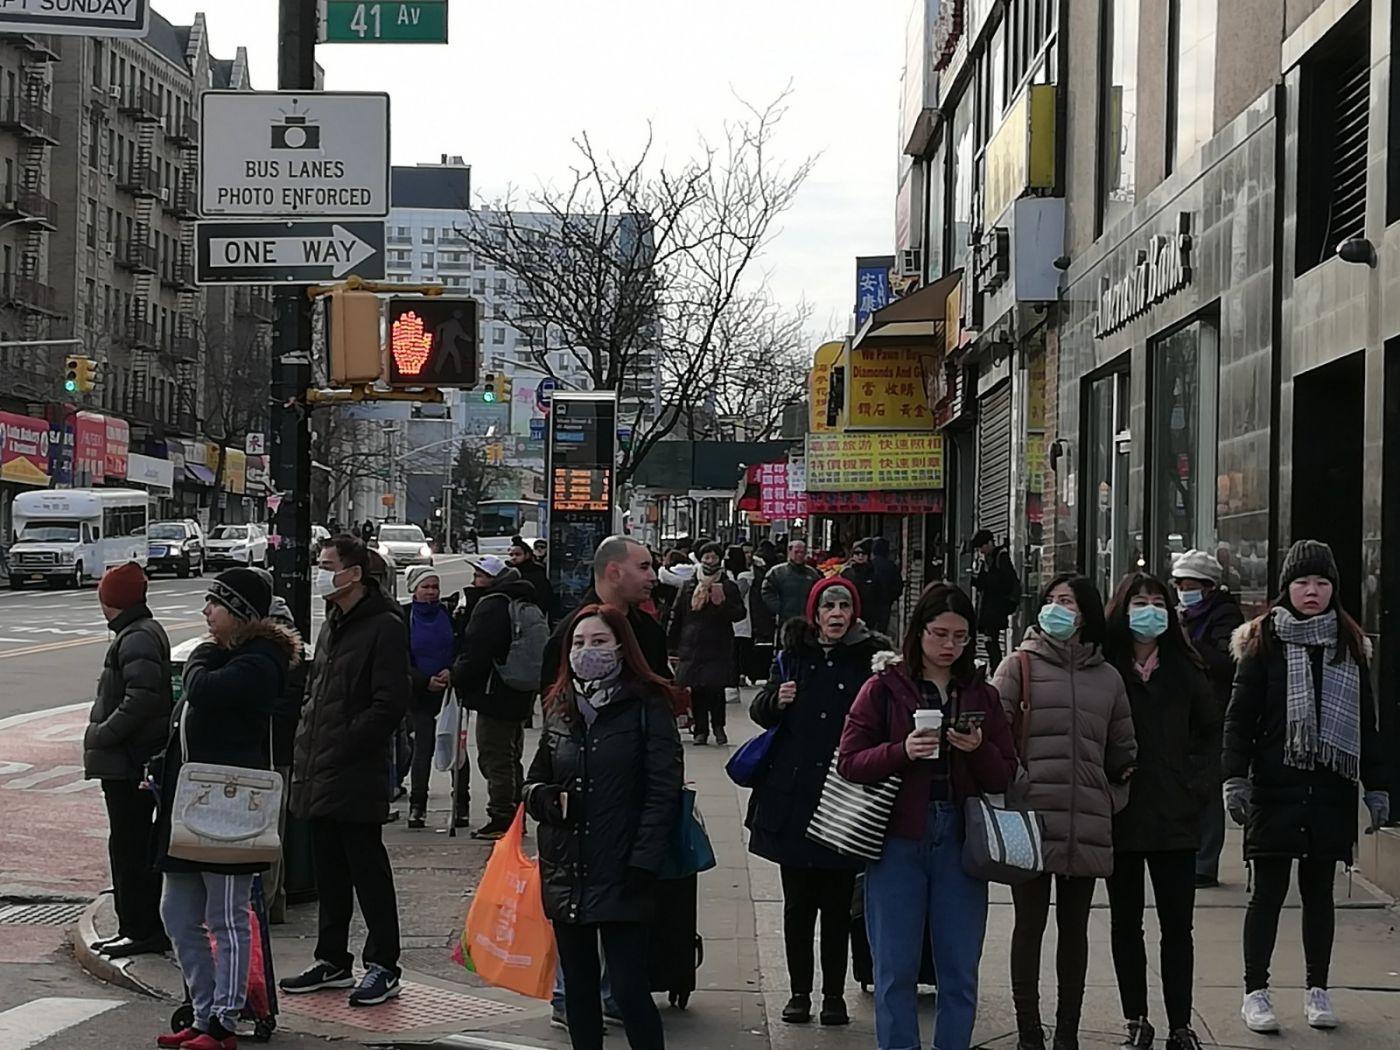 预防新型肺炎,纽约法拉盛街头戴口罩的人不断增加_图1-1